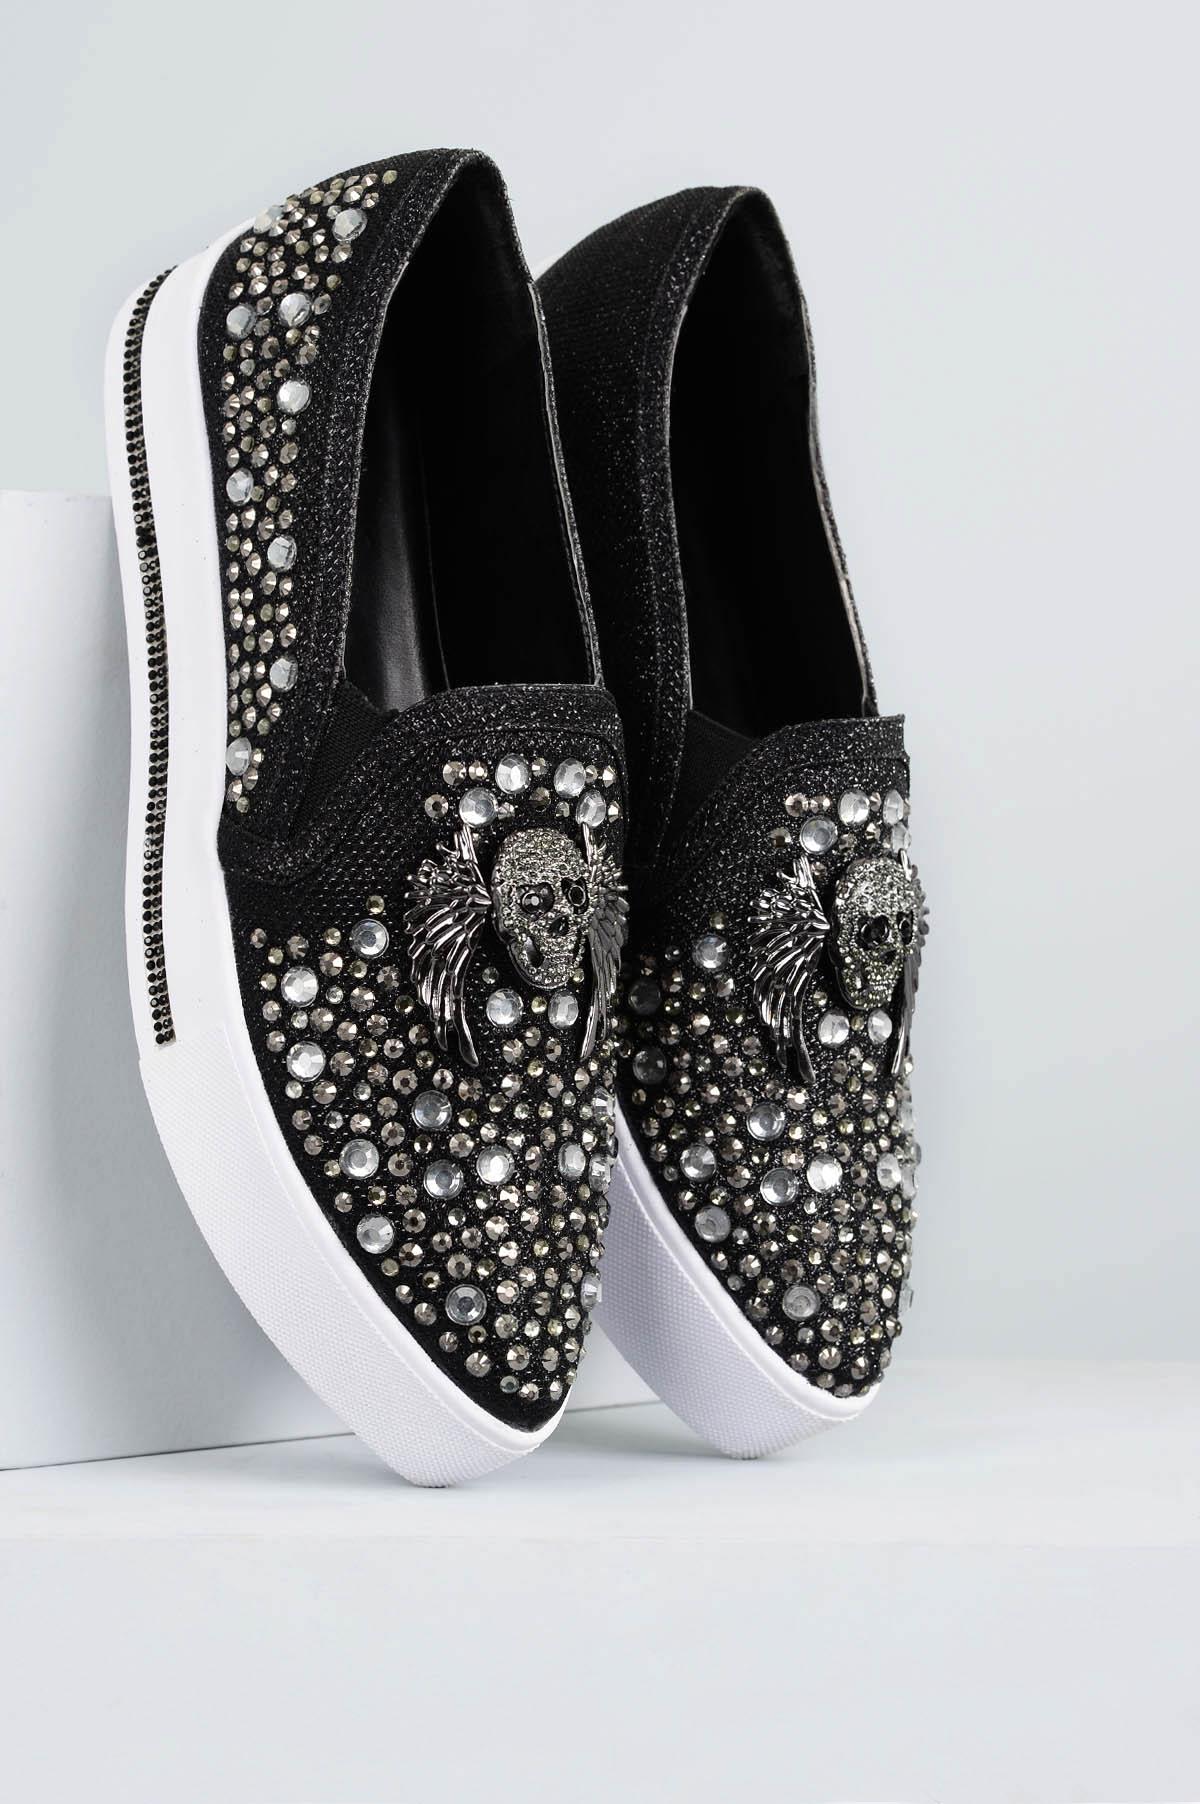 7c555f24a6 Slipper Feminino Caveira Mundial DIVERSOS - PRETO - Mundial Calçados